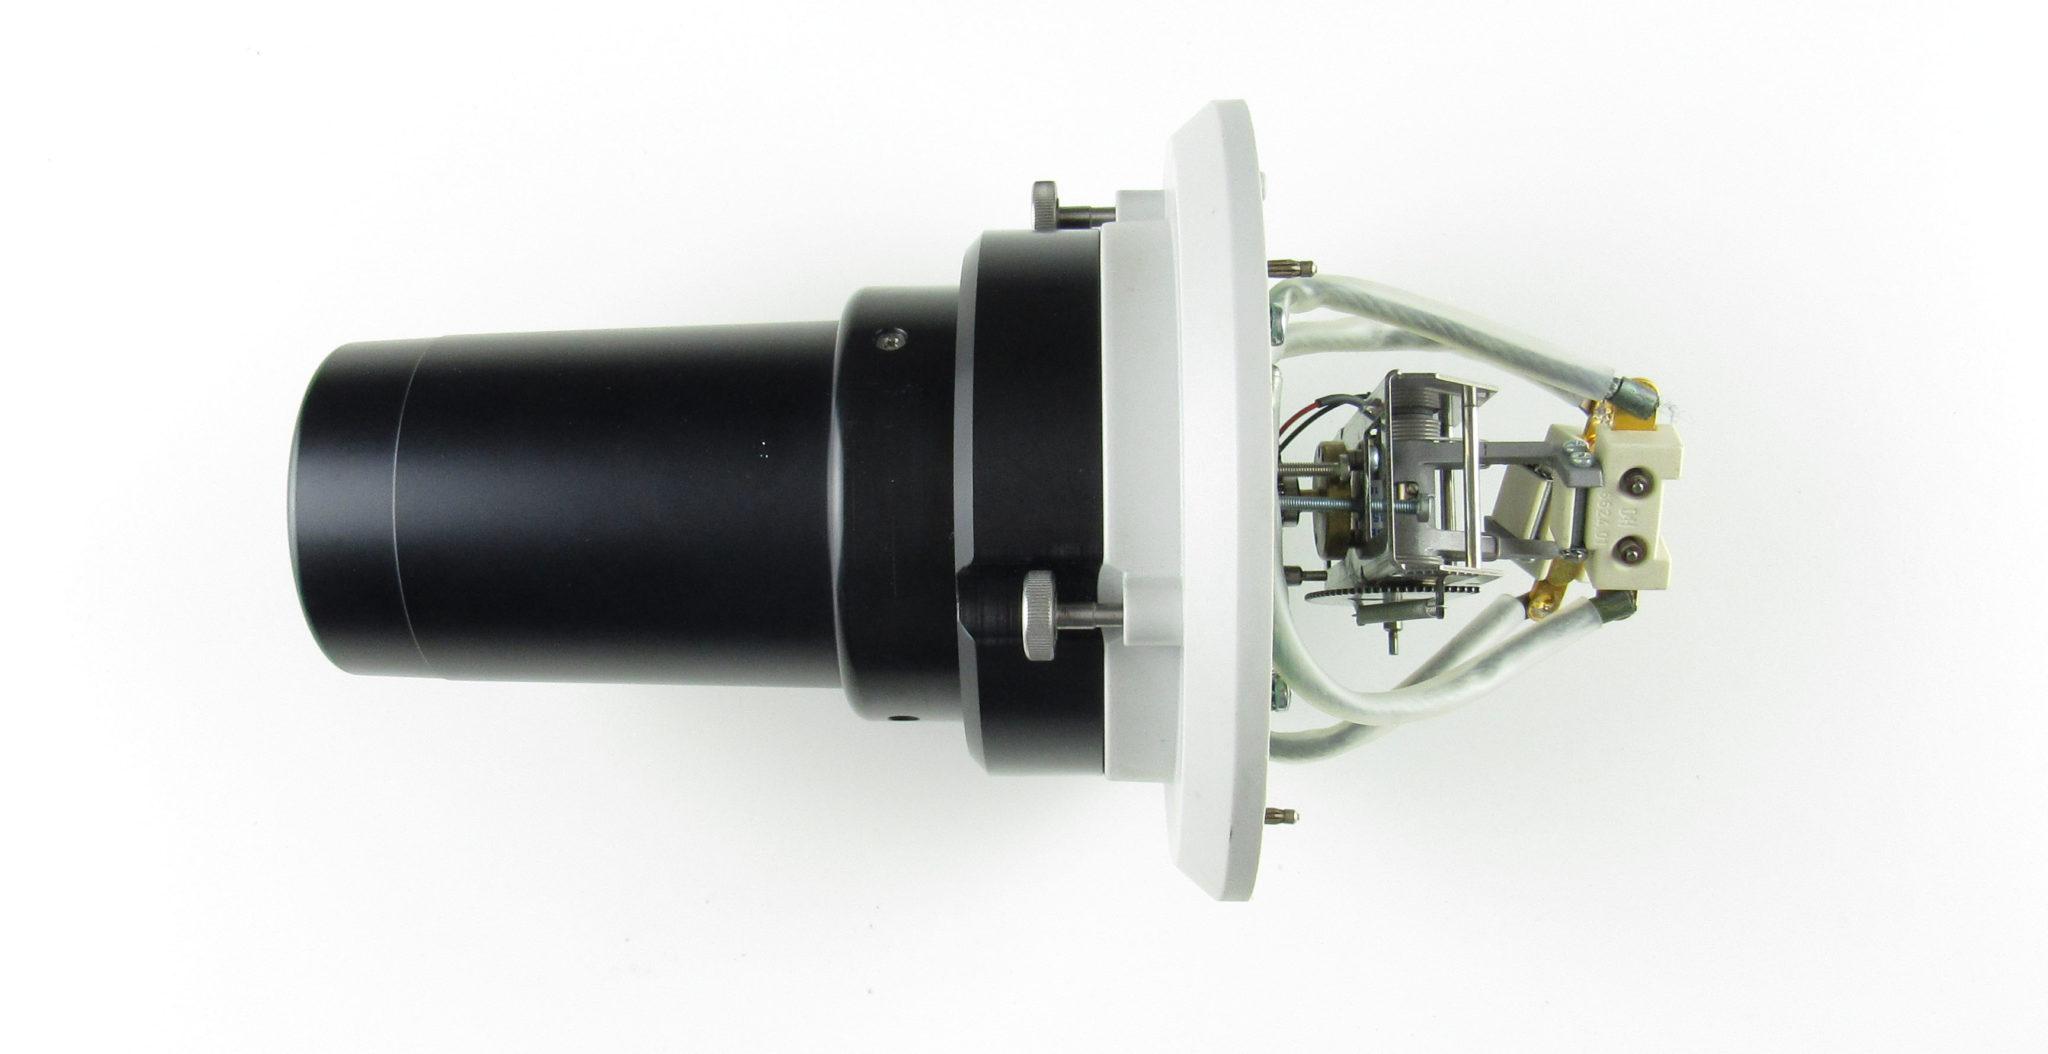 berchtold in-light camera